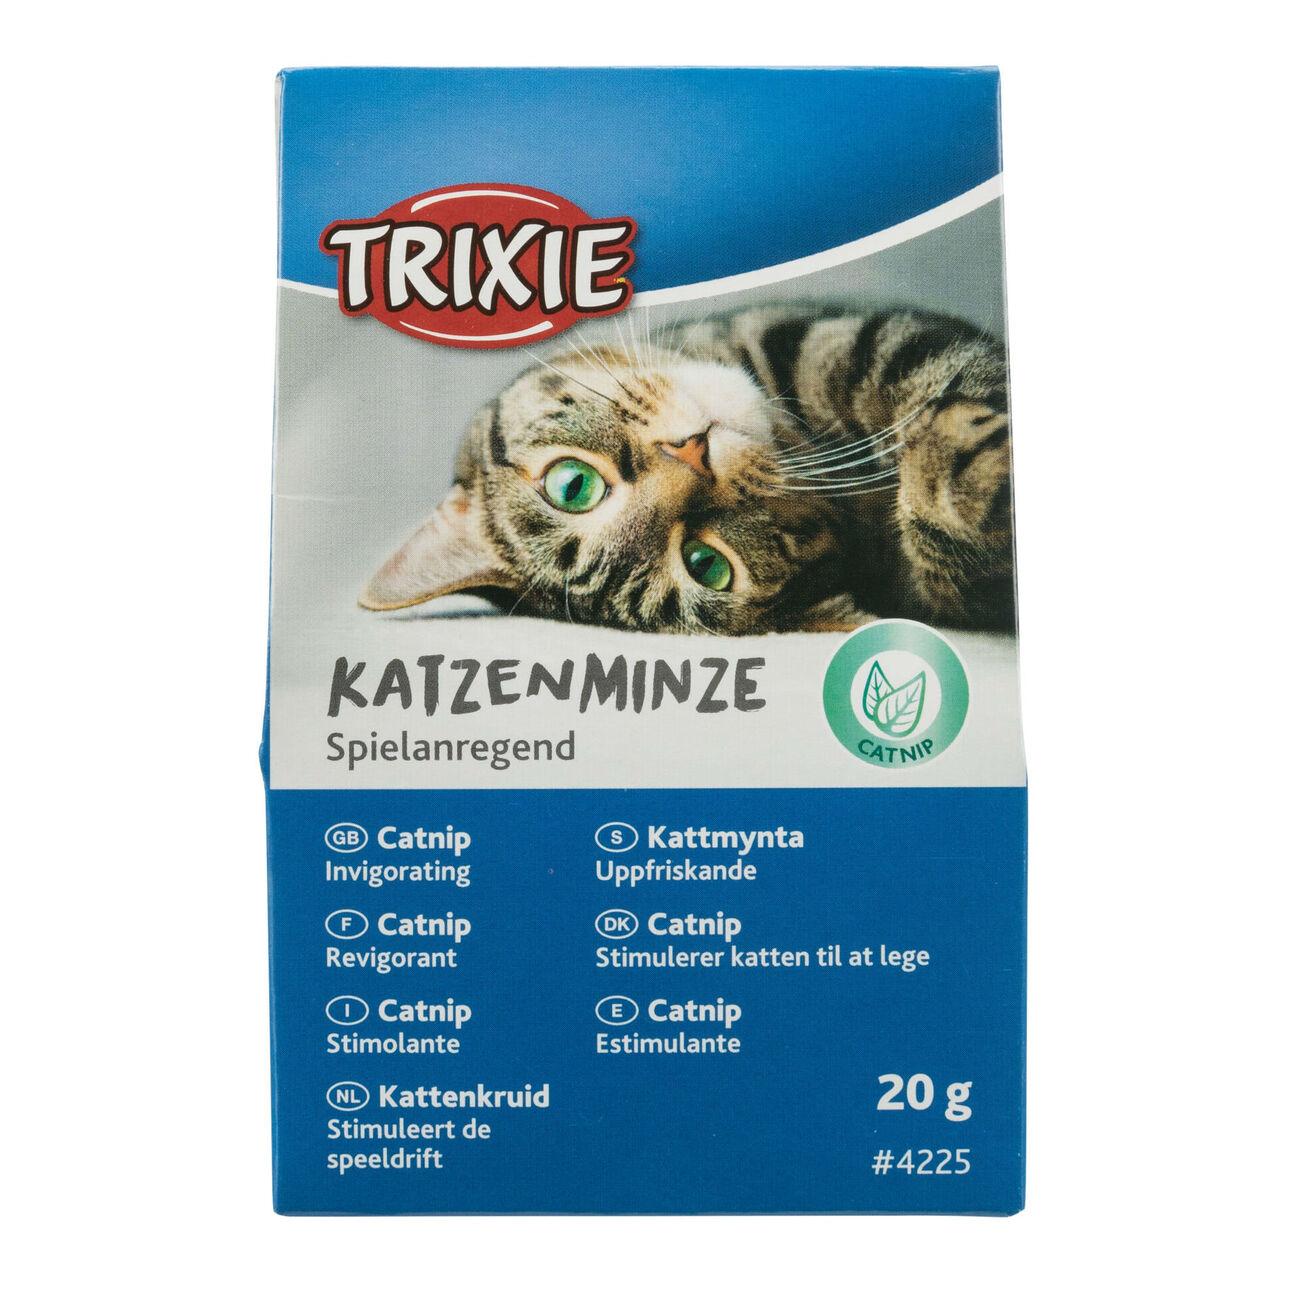 Trixie Katzenminze, 20 g 4225